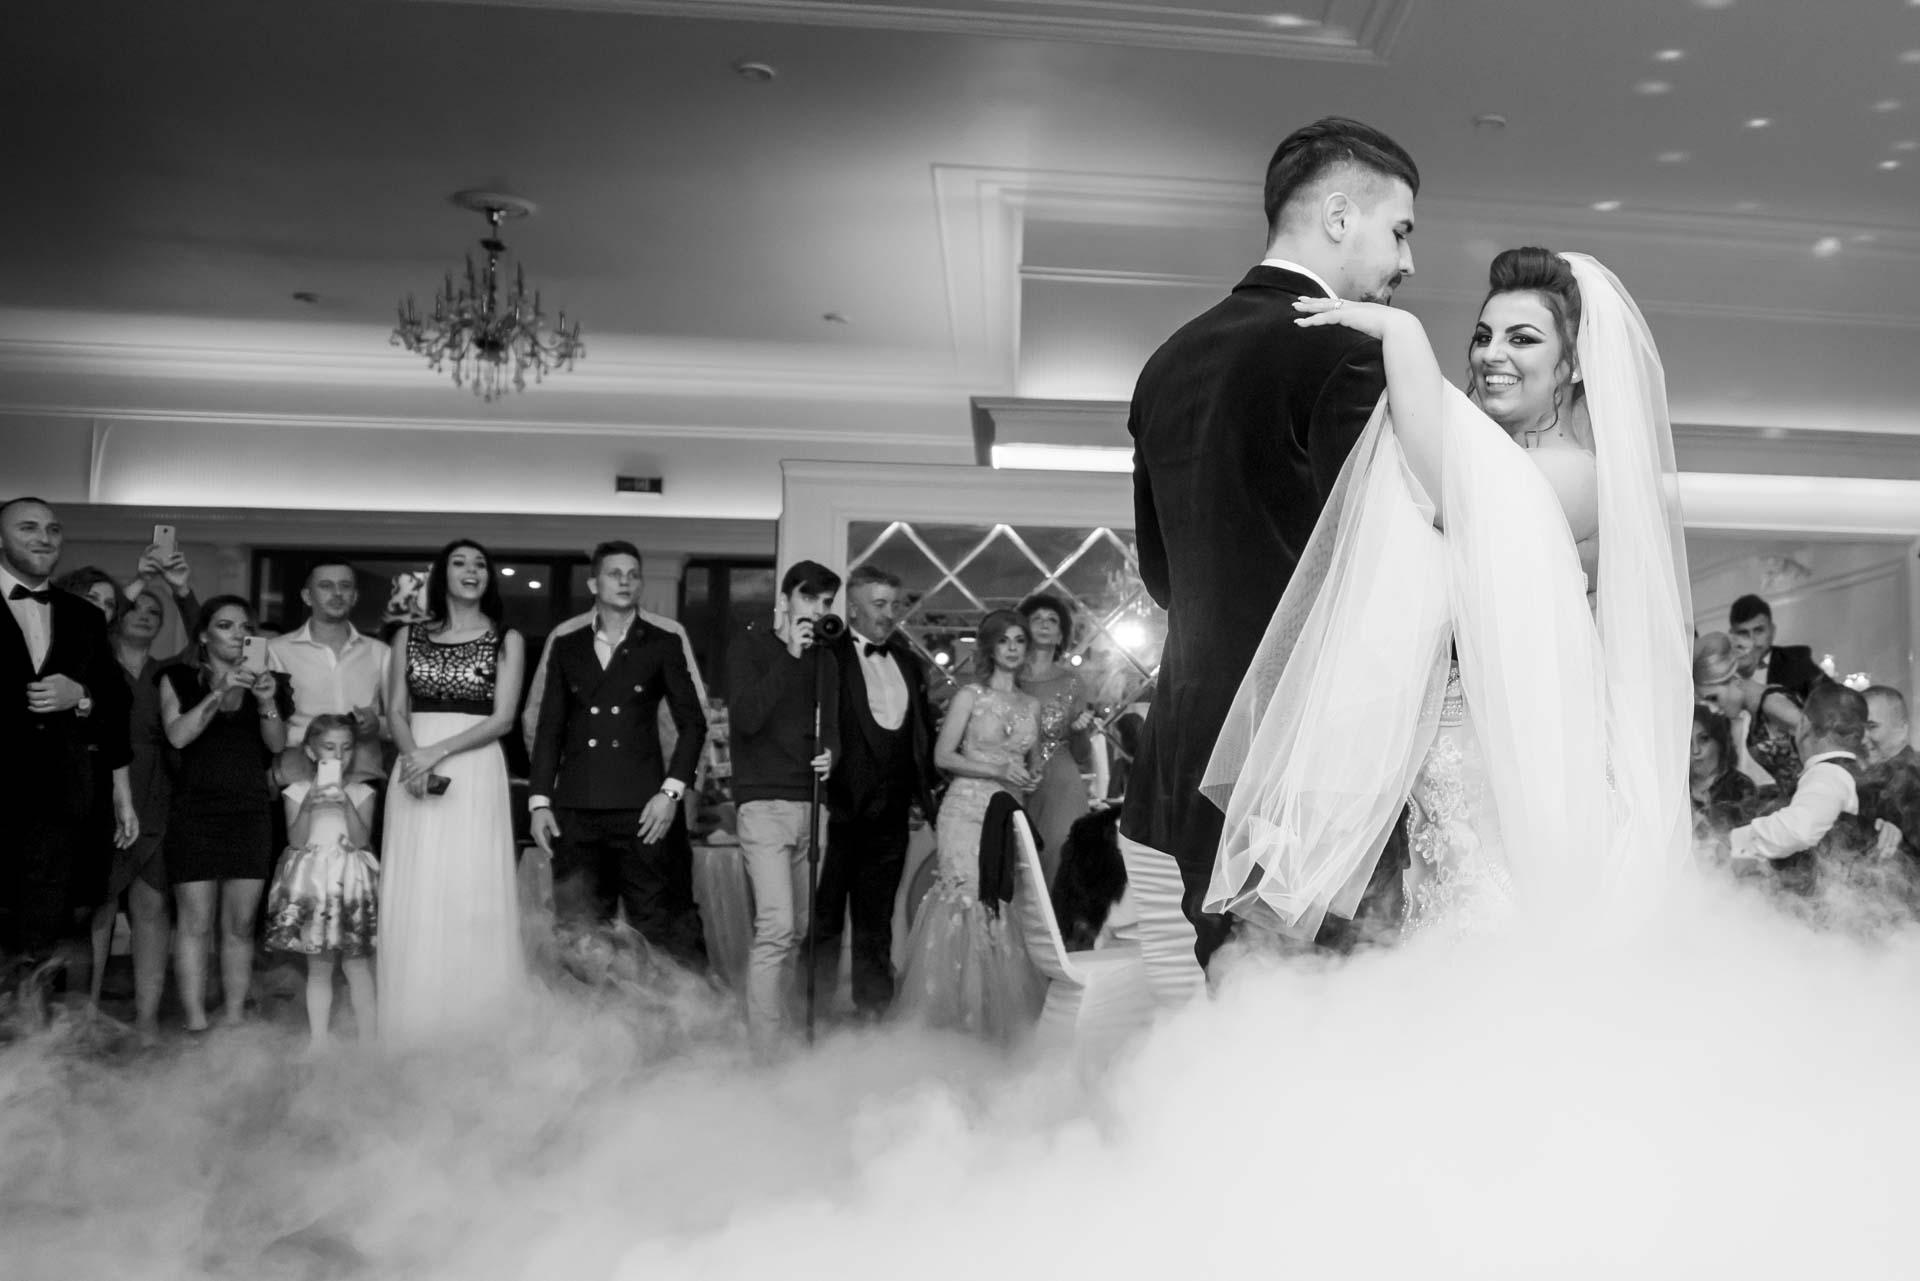 fotograf nunta cernica